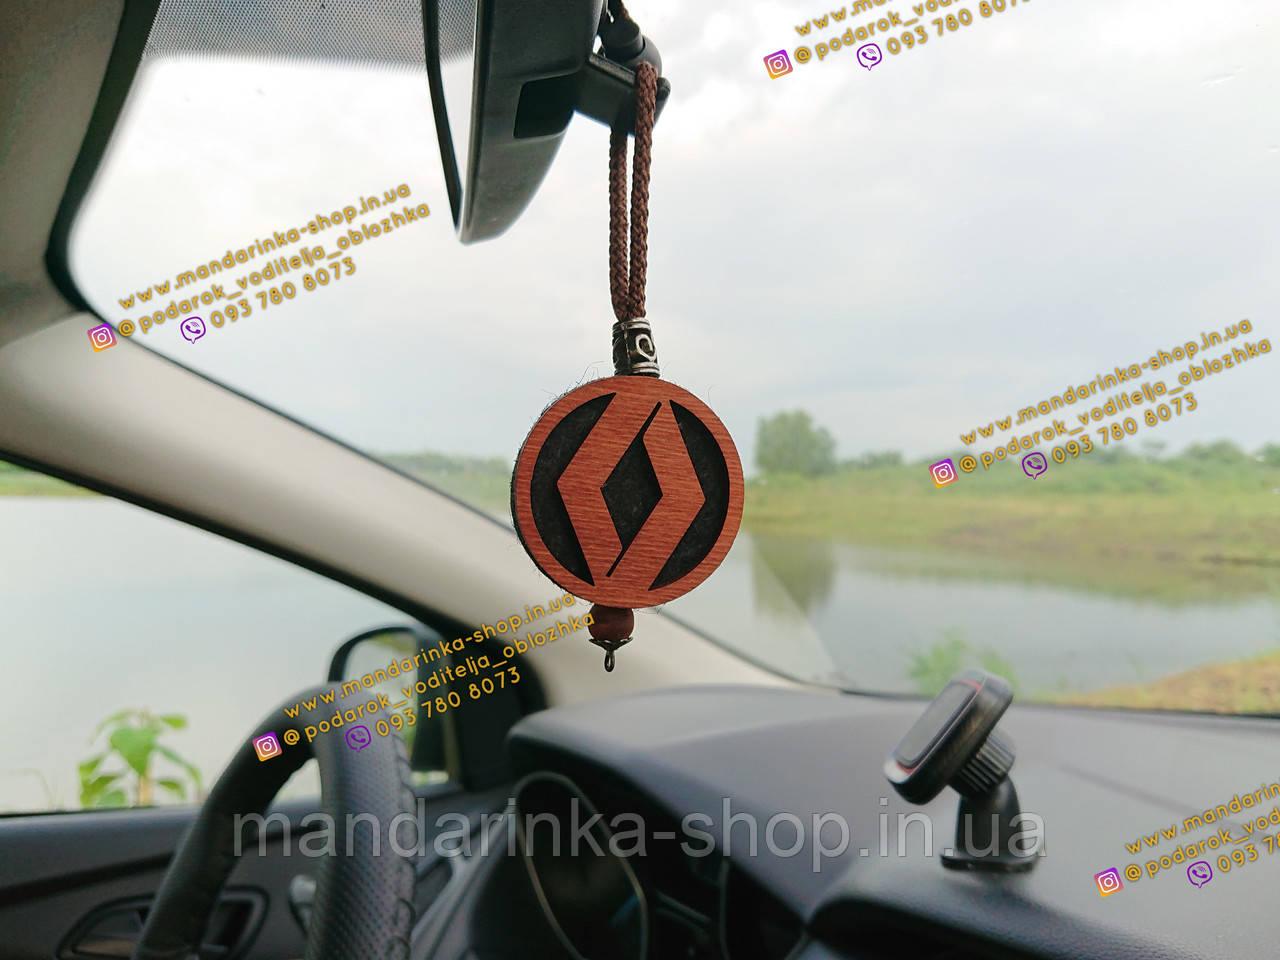 Підвіска ароматизатор Renault, Парфуми Рено на дзеркало